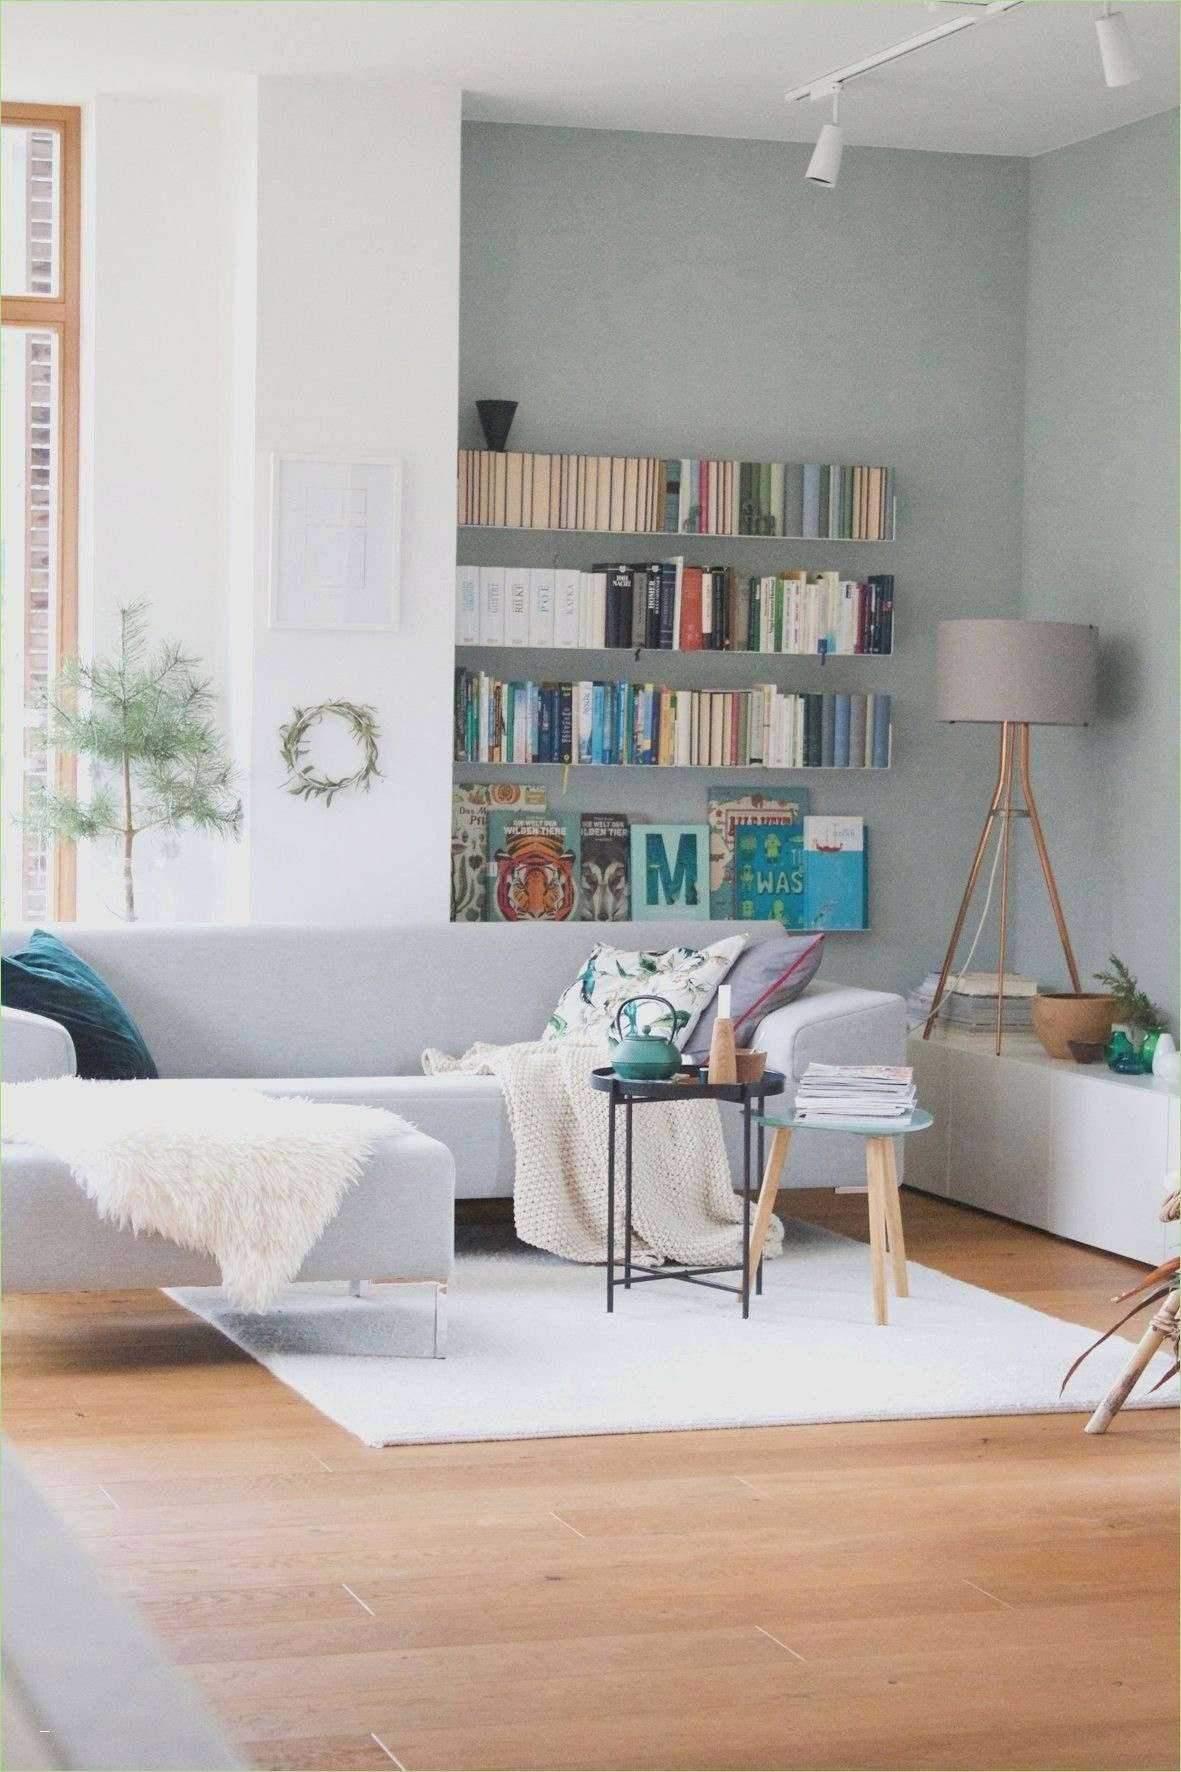 gestaltung wohnzimmer einzigartig decken dekoration wohnzimmer frisch couch decke 0d archives of gestaltung wohnzimmer